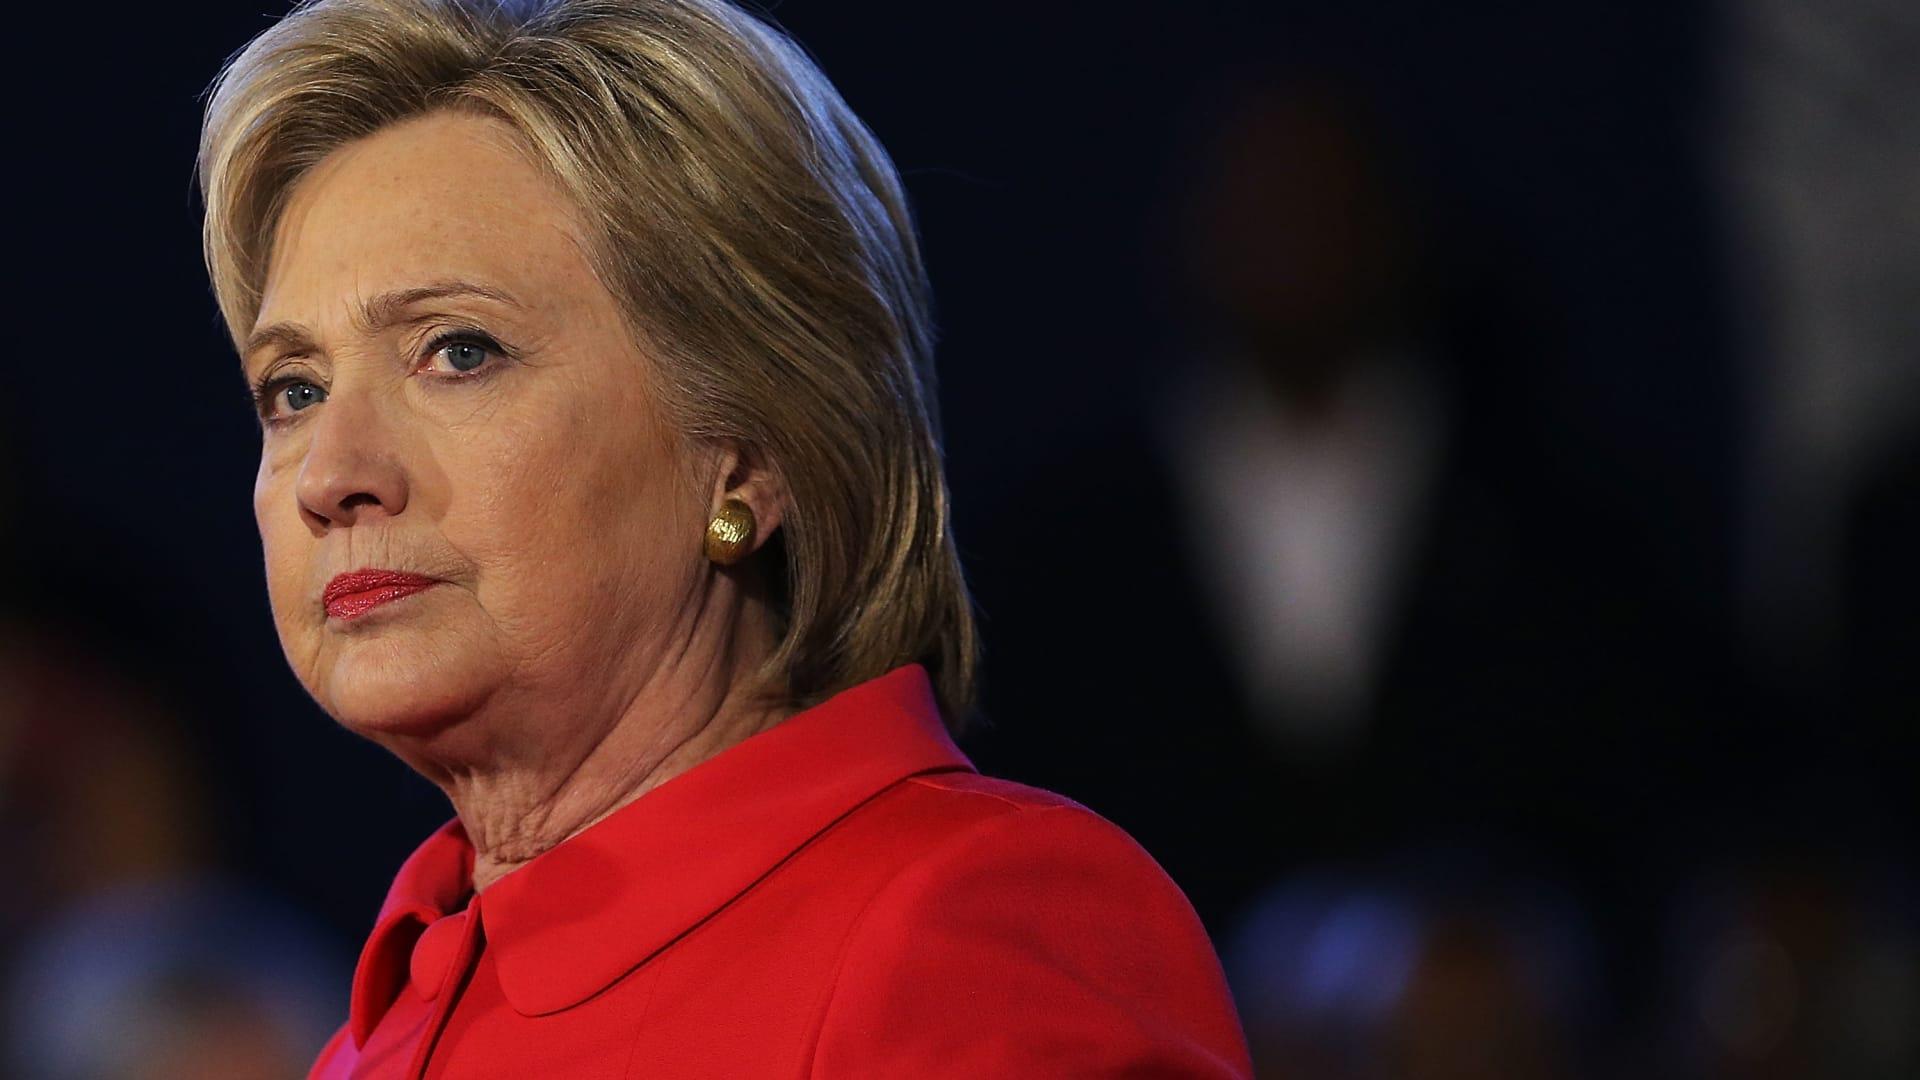 هيلاري كلينتون تدافع عن زوجها بفضيحة مونيكا وتسلط الضوء على تهم ترامب